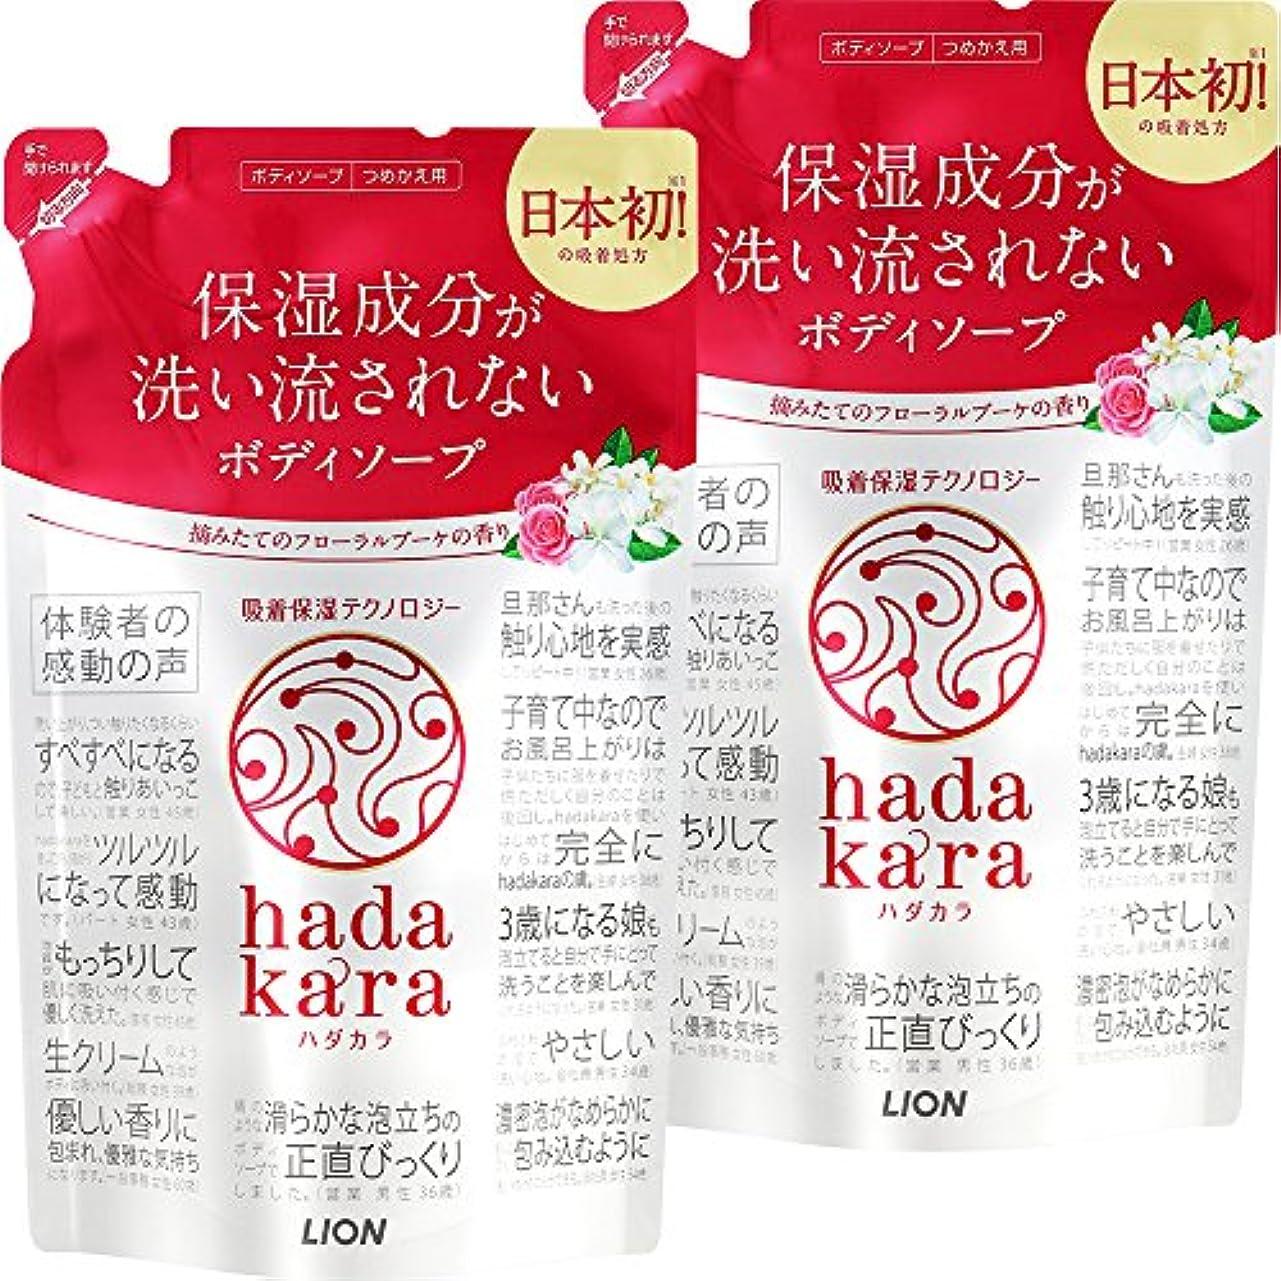 戸棚ドラマ後世まとめ買い hadakara(ハダカラ) ボディソープ フレッシュフローラルの香り 詰め替え 360ml×2個パック フローラルブーケ